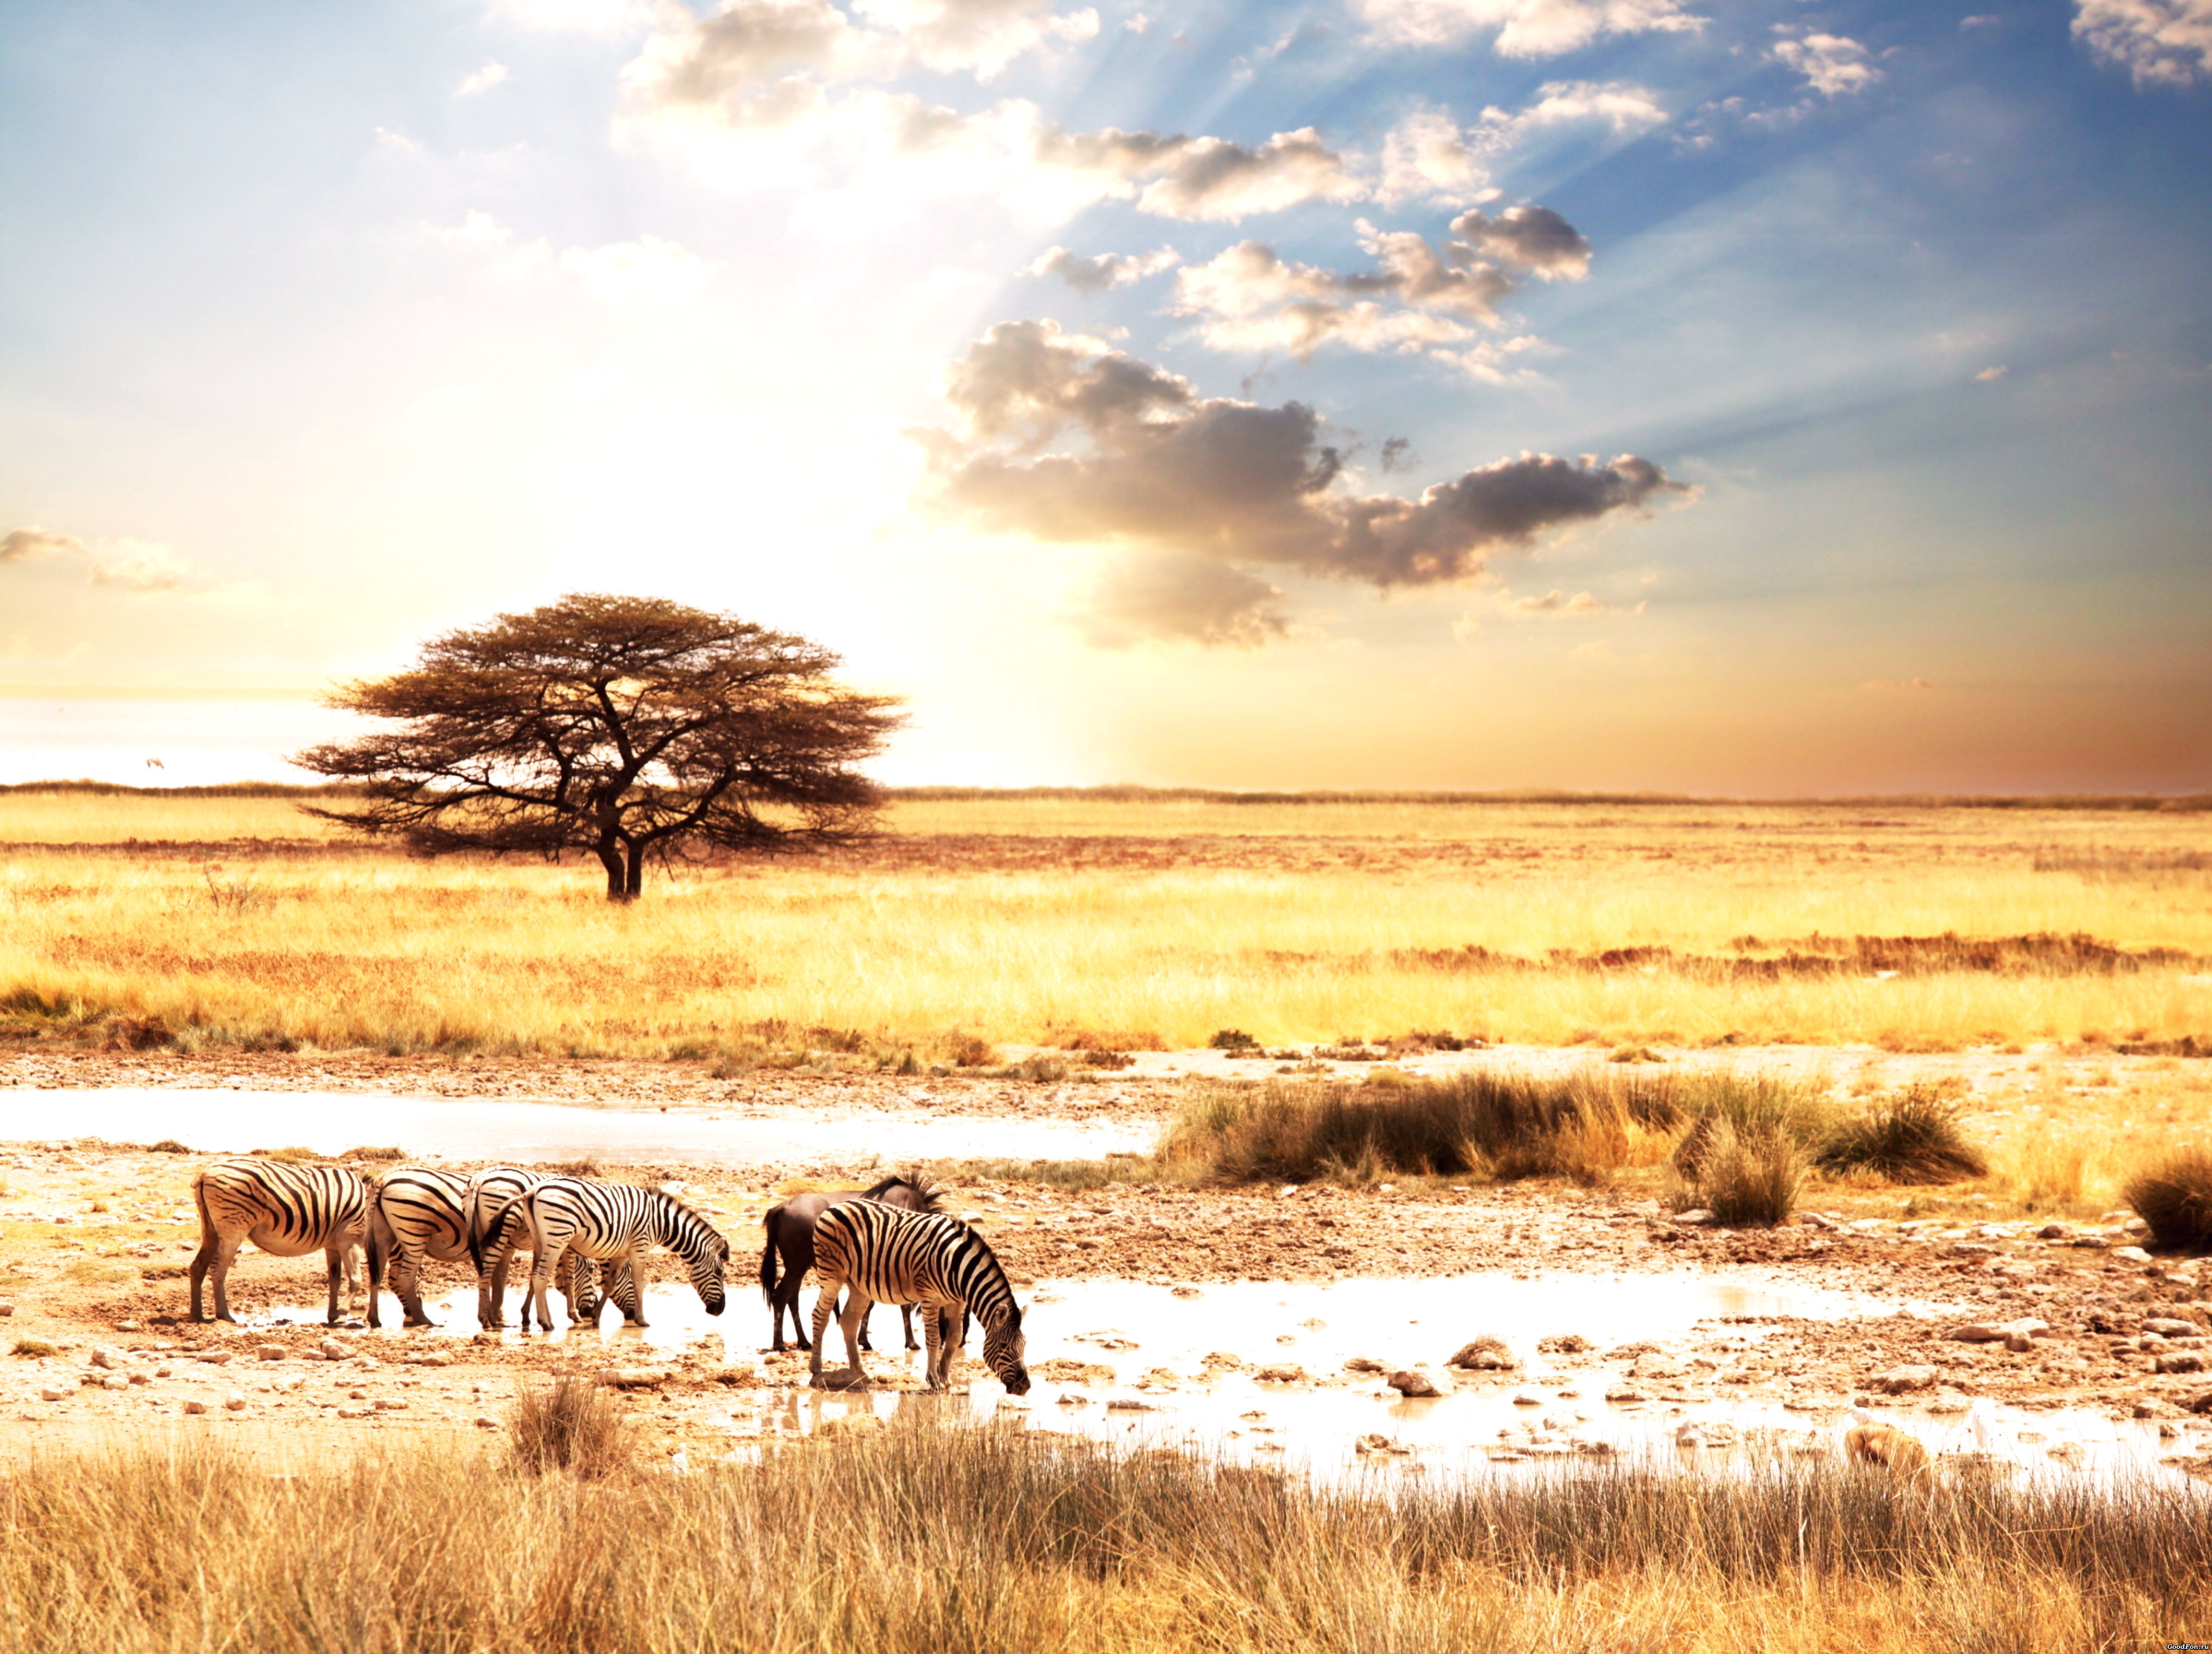 природа животные Гепарды камни трава дерево горизонт  № 276724  скачать